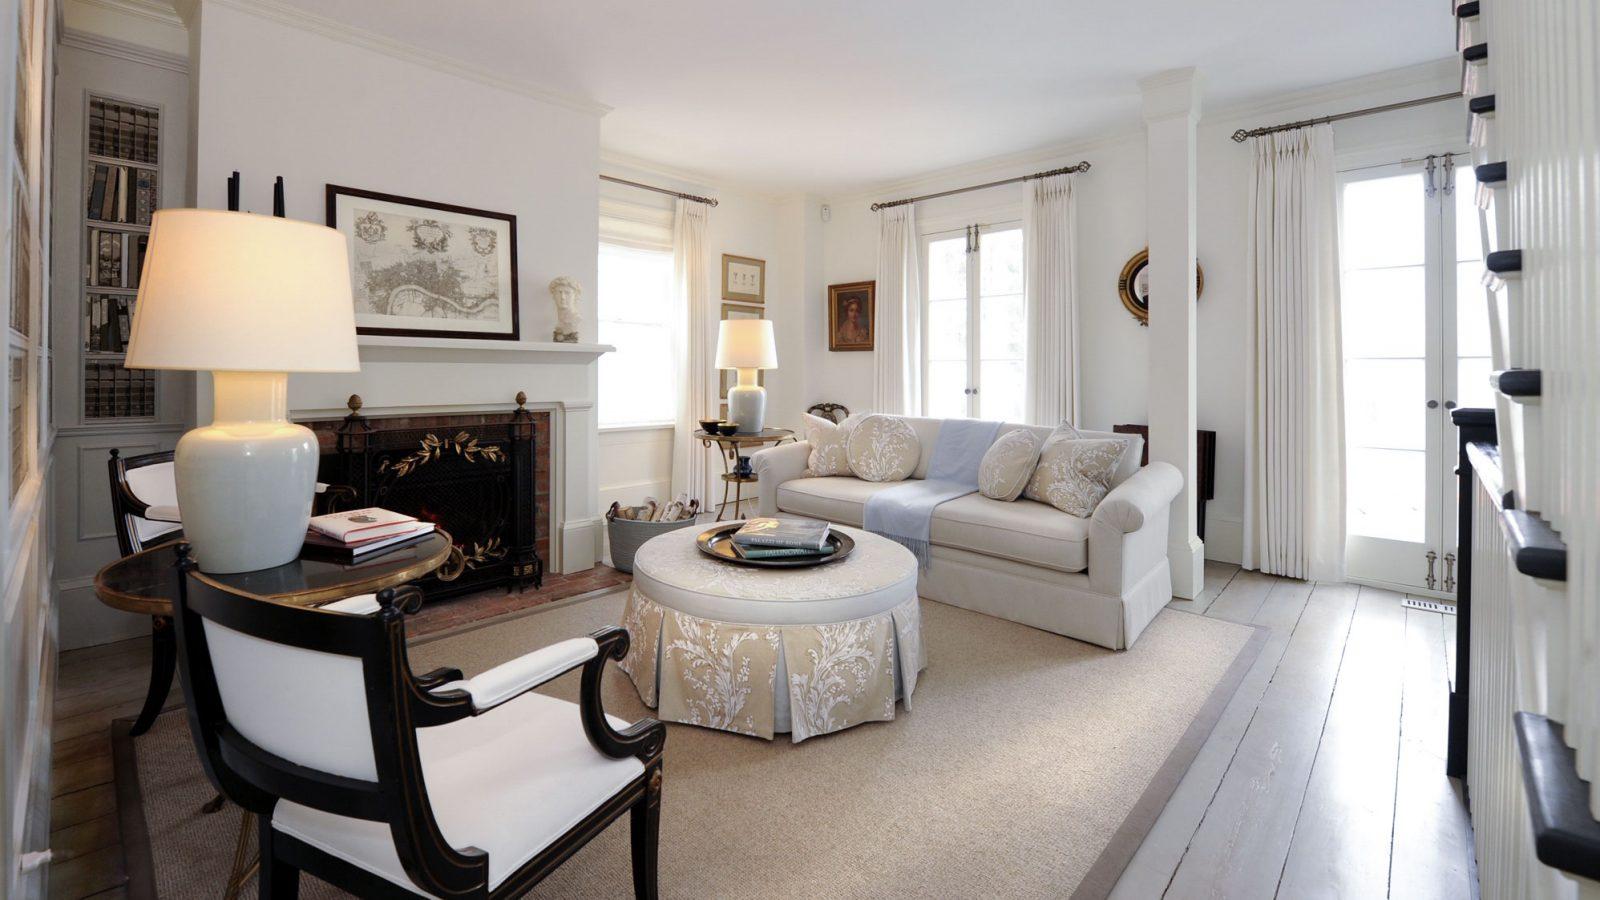 NOTL - Living Room